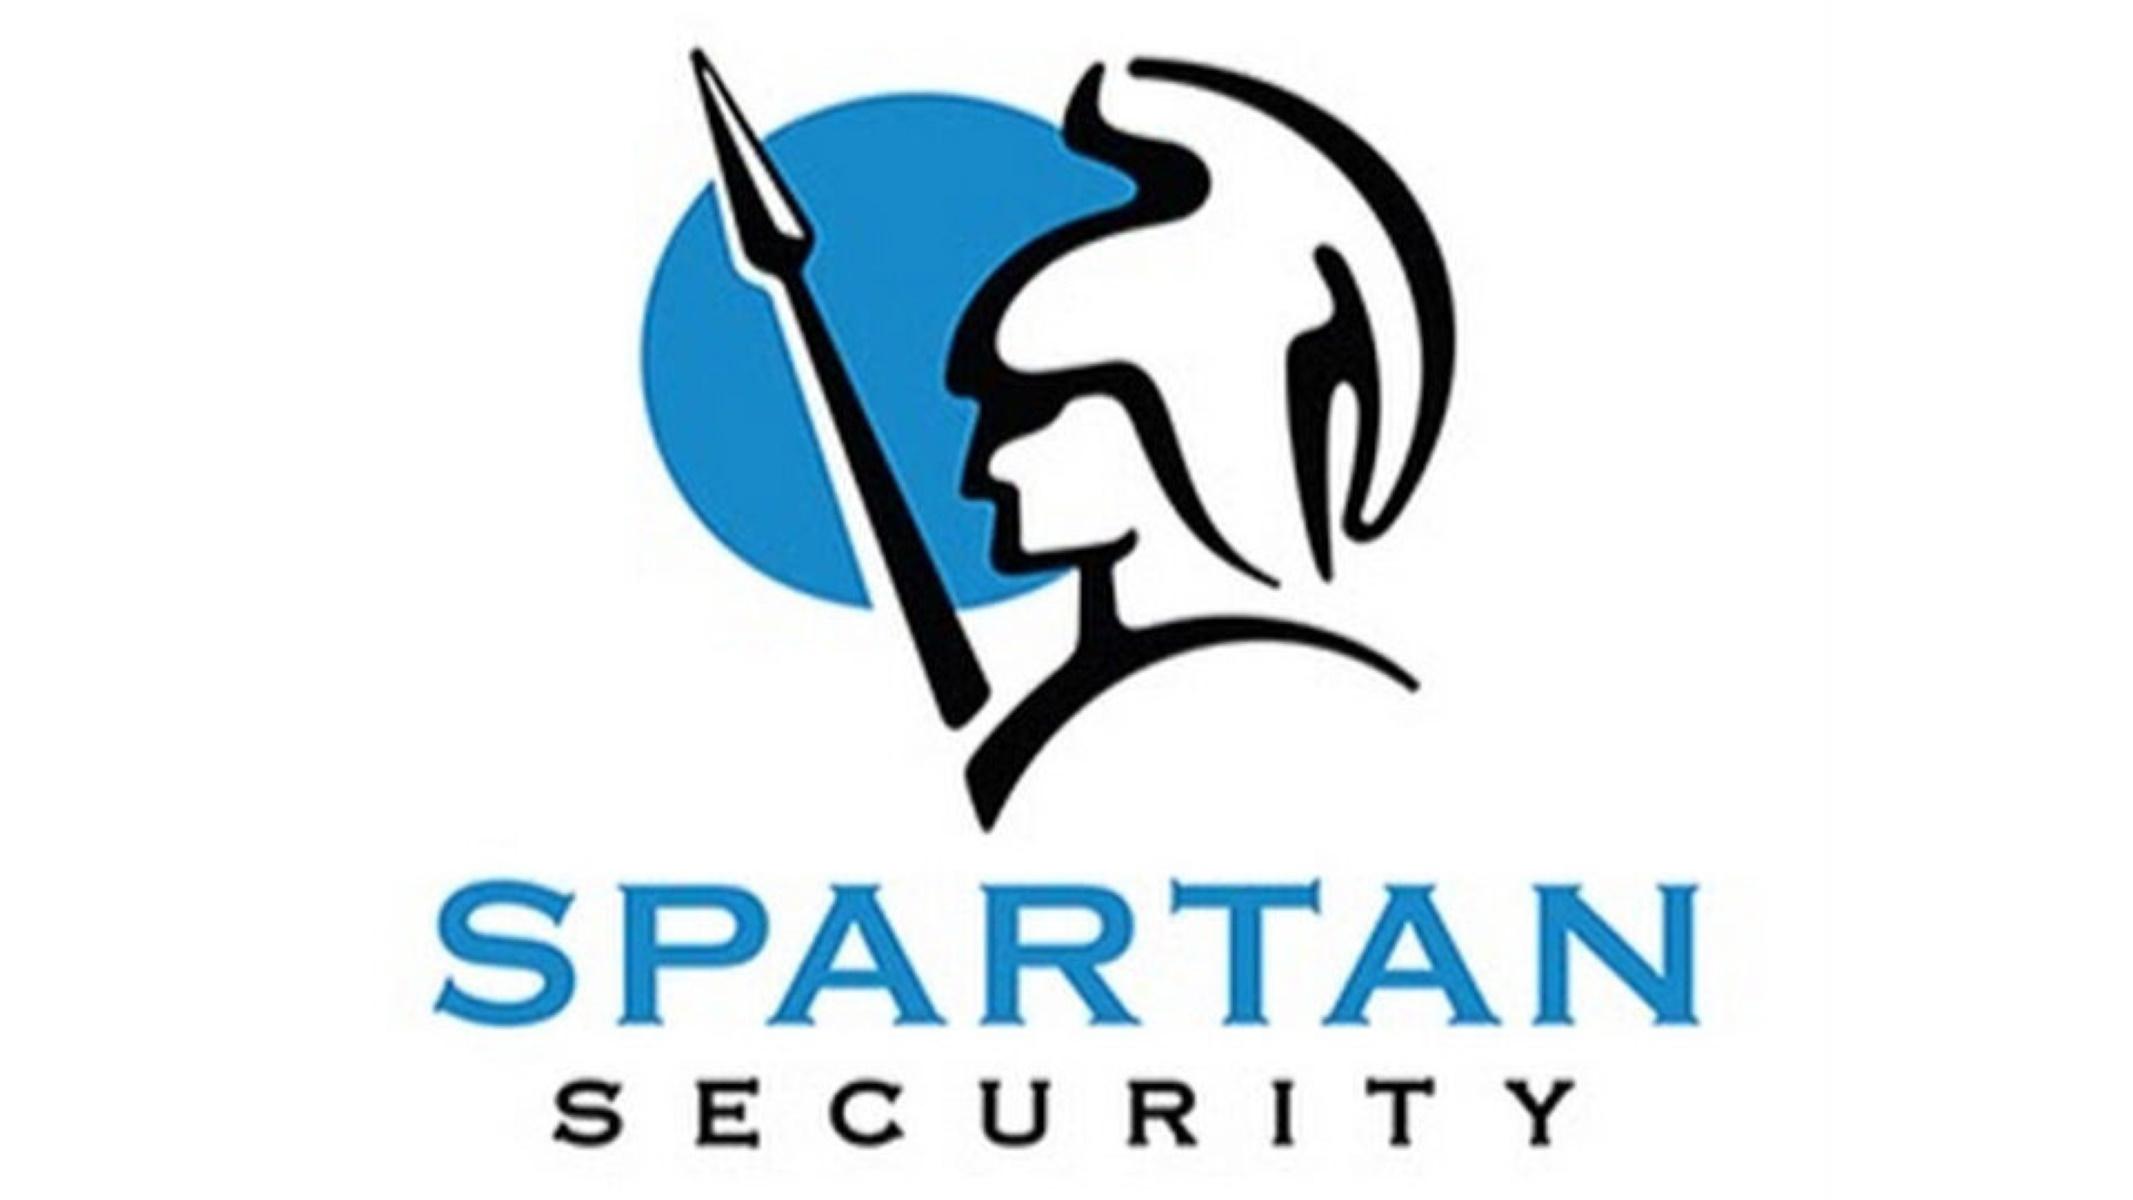 Μπάμπης Καραμπάτσος – Spartan Security: «Επενδύσεις και νέες αγορές»